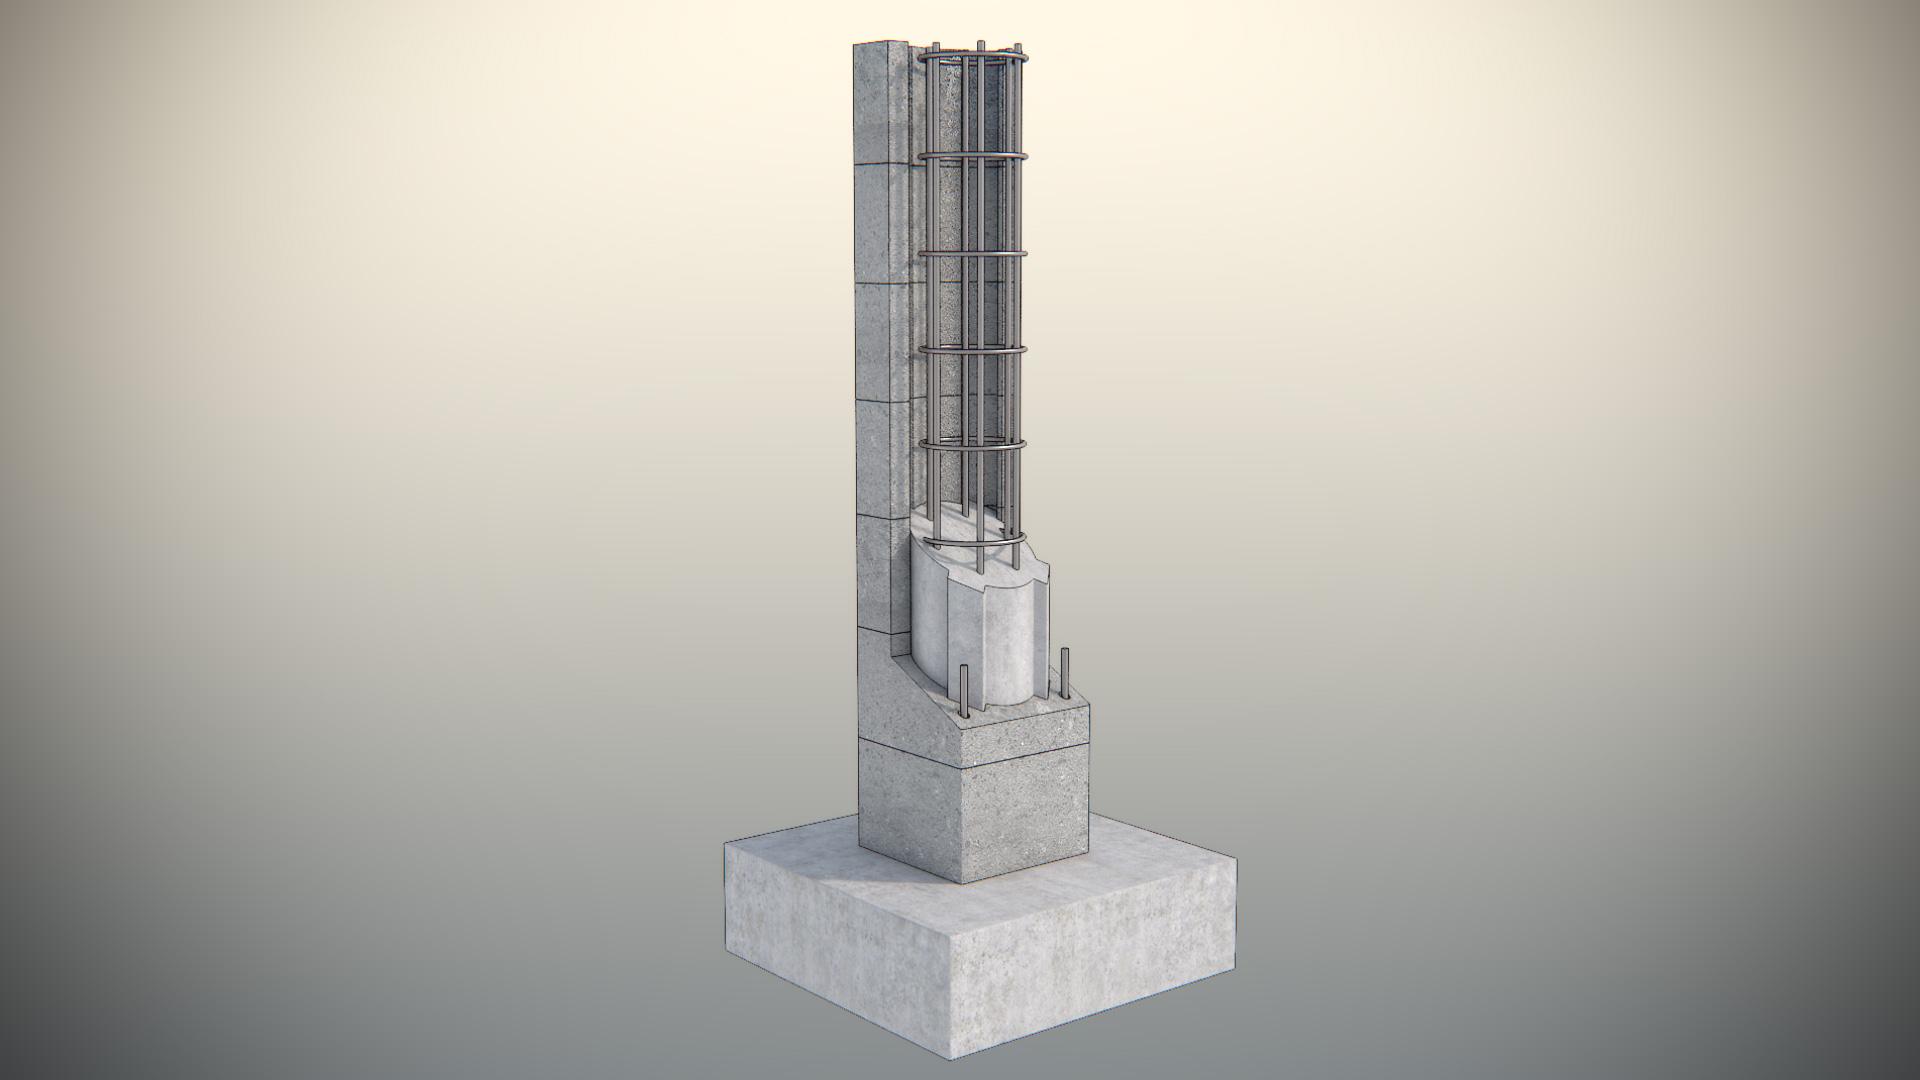 atkira kolona